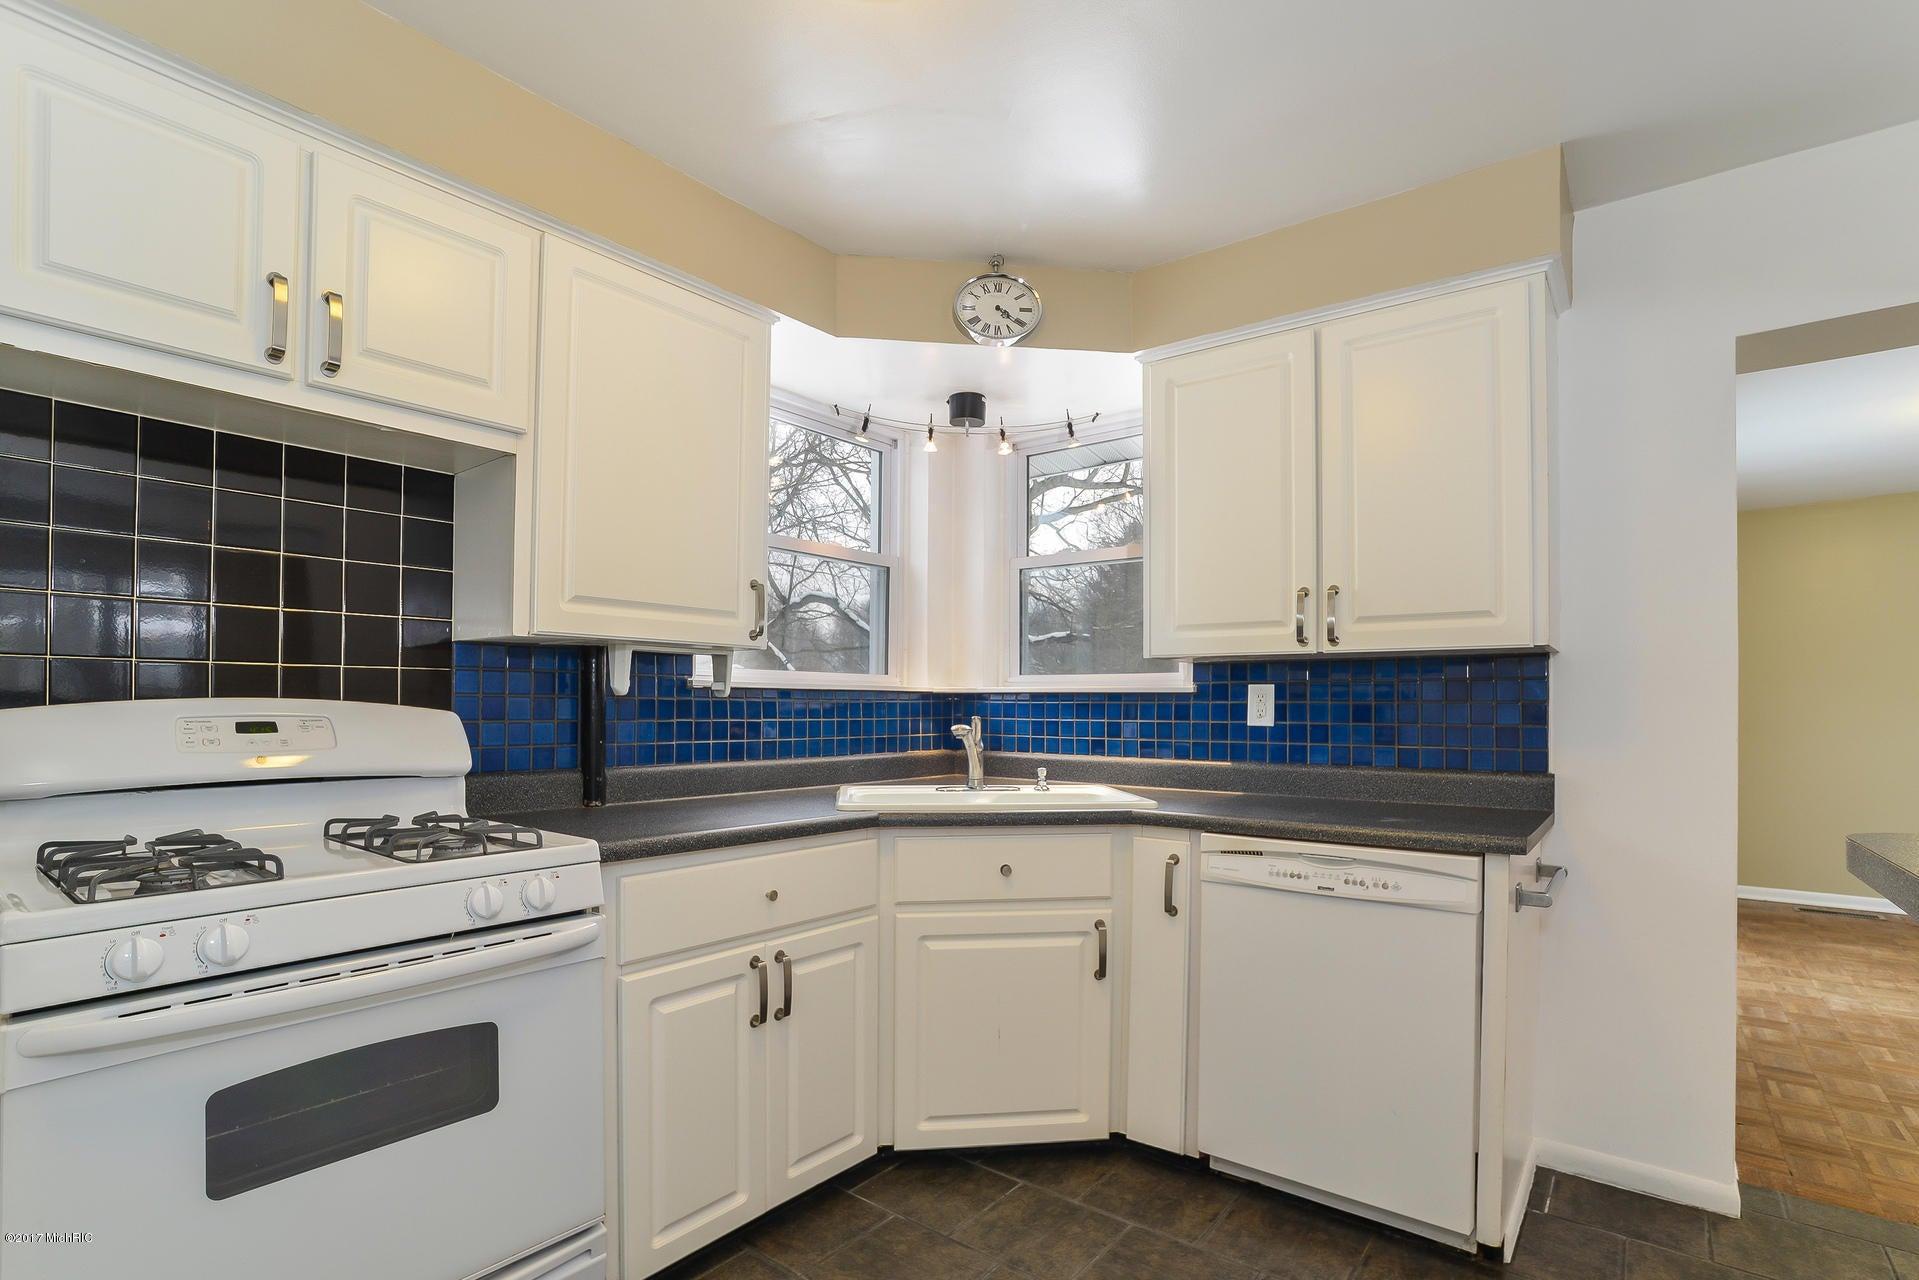 011-Kitchen-3668422-medium